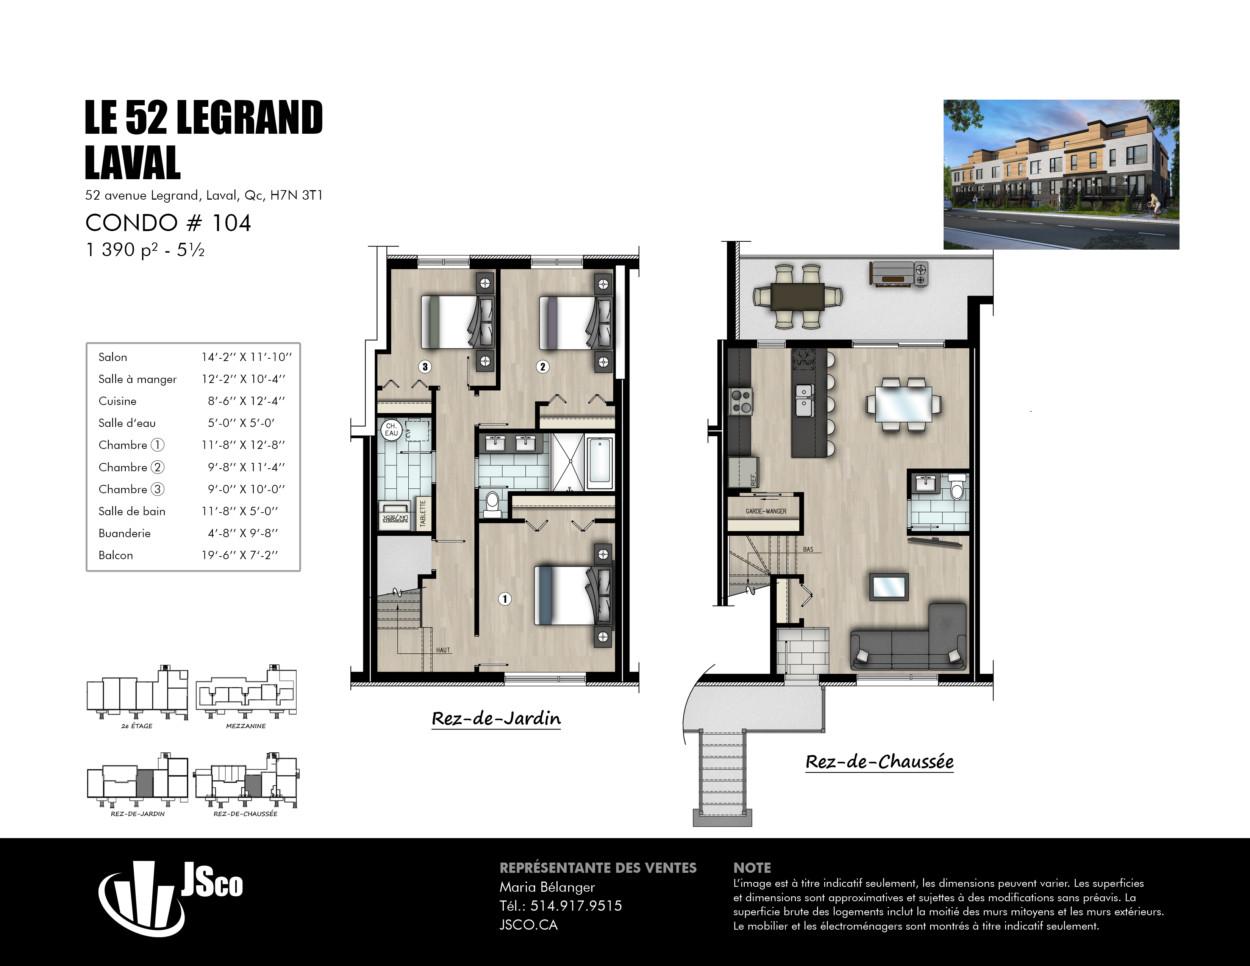 The 52 Legrand